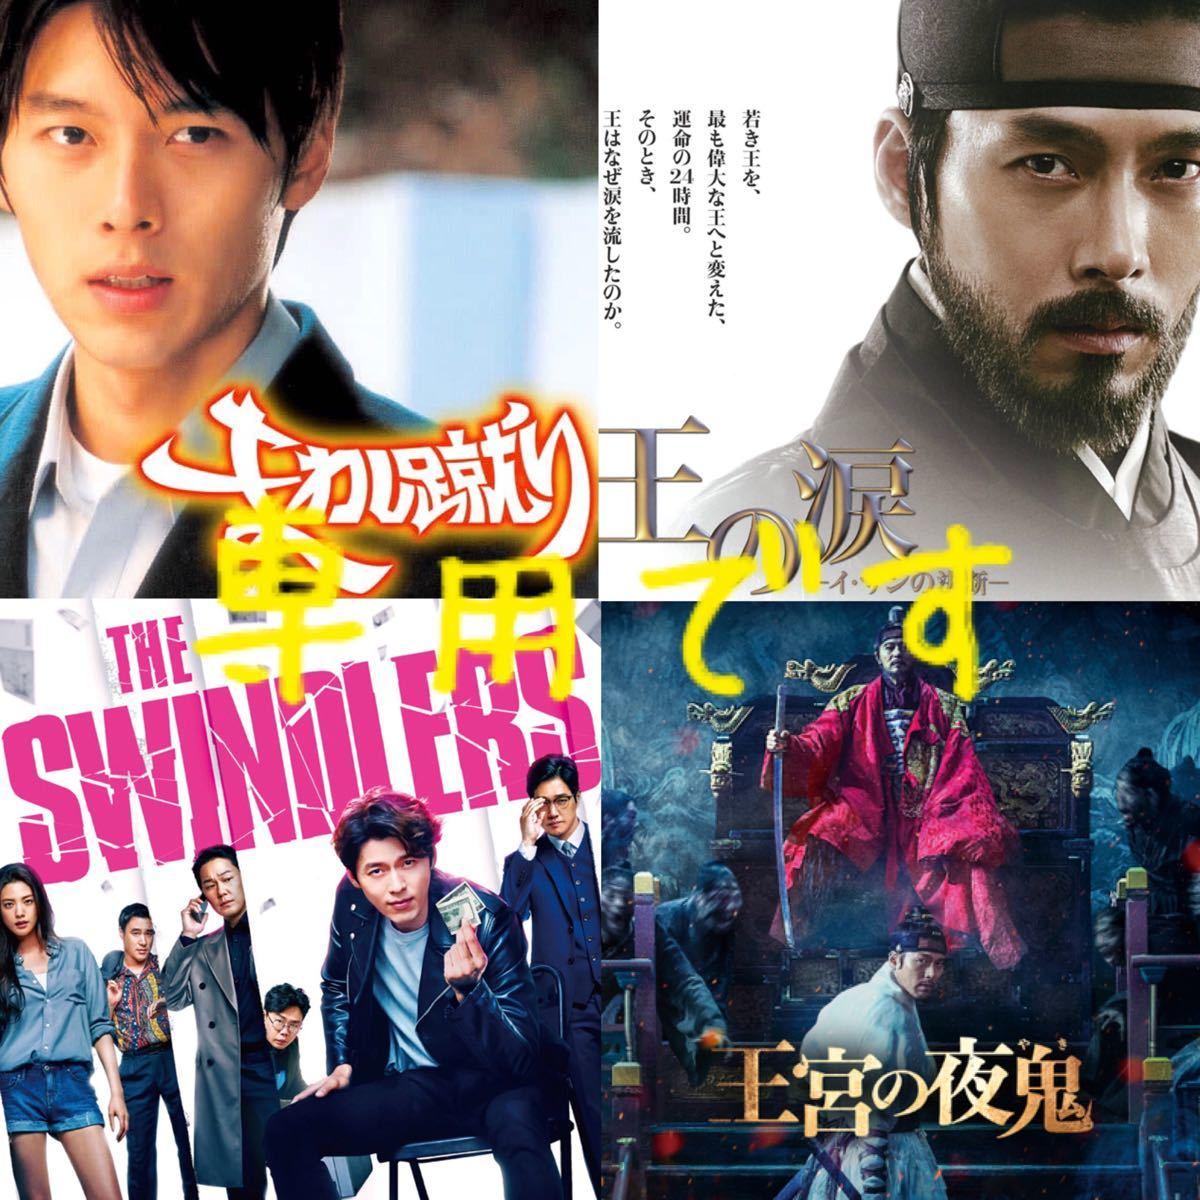 専用です。韓国映画  ヒョンビン  DVD  4点セット  レーベル有り